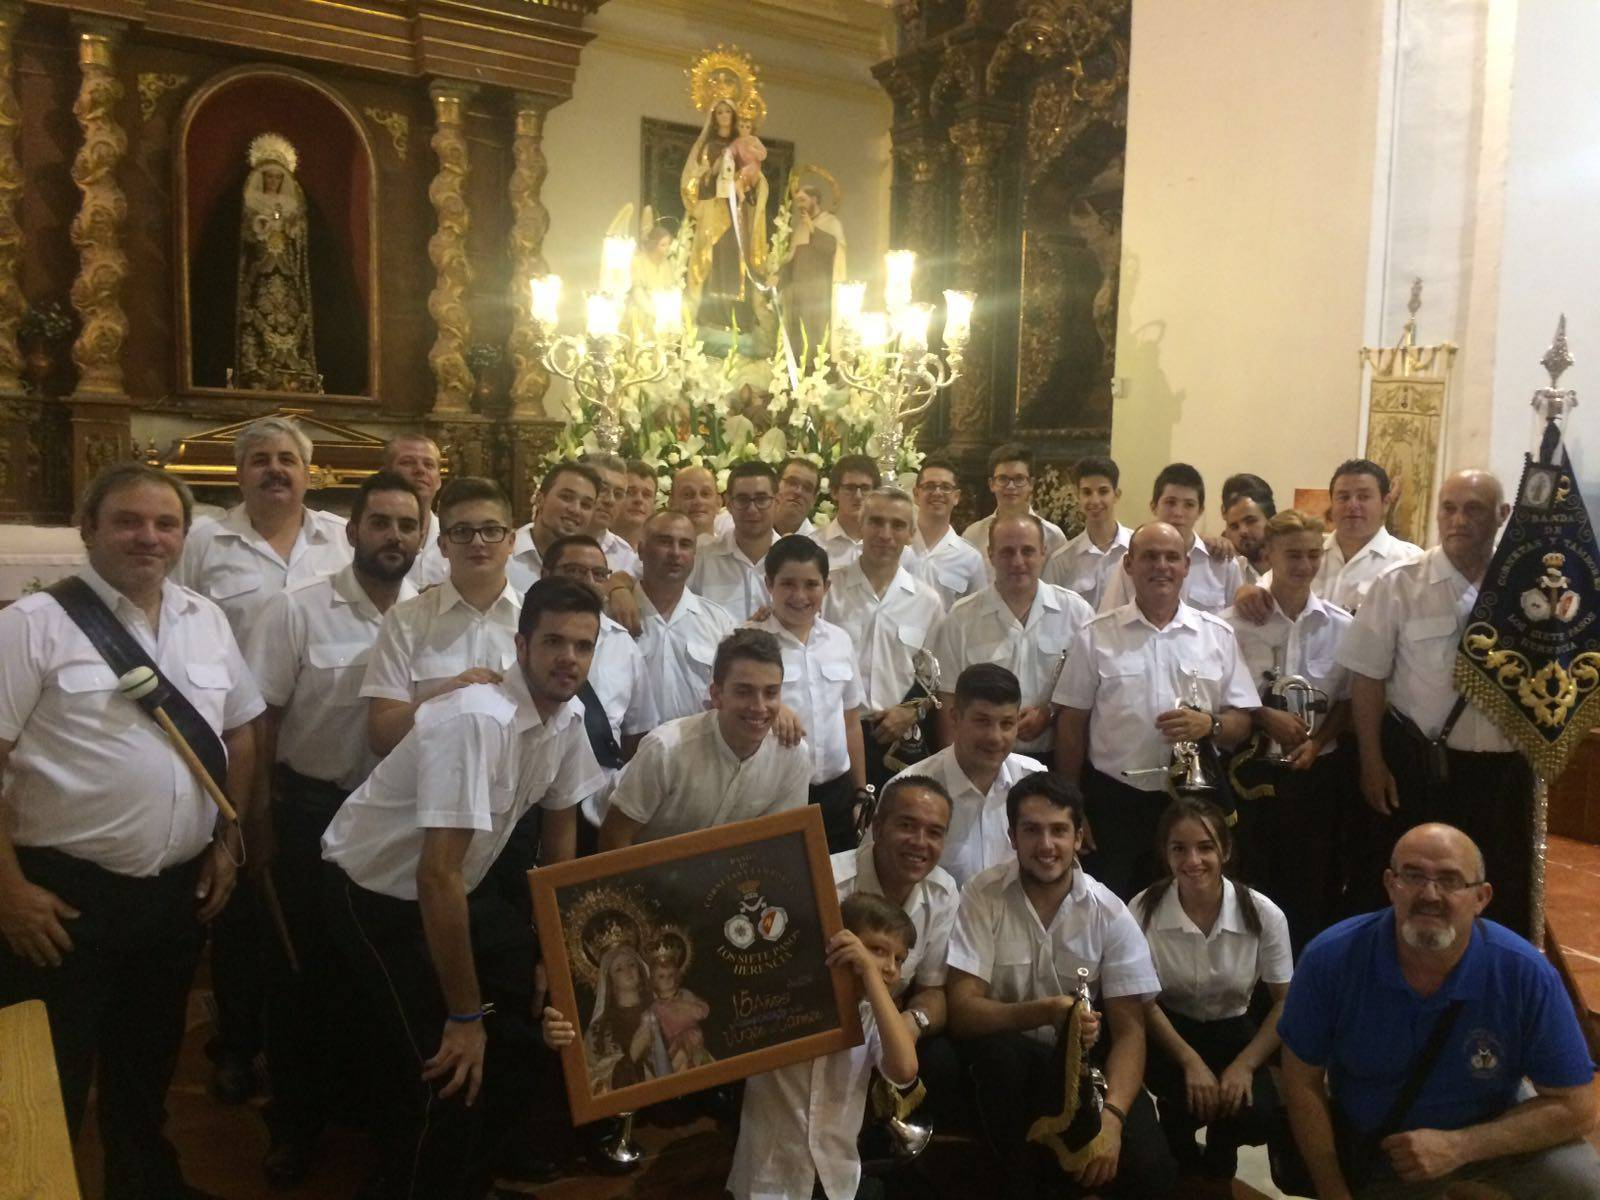 Banda de los Siete Pasos en la celebración del día de la Virgen del Carmen. Fotos twitter @bandasietepasos